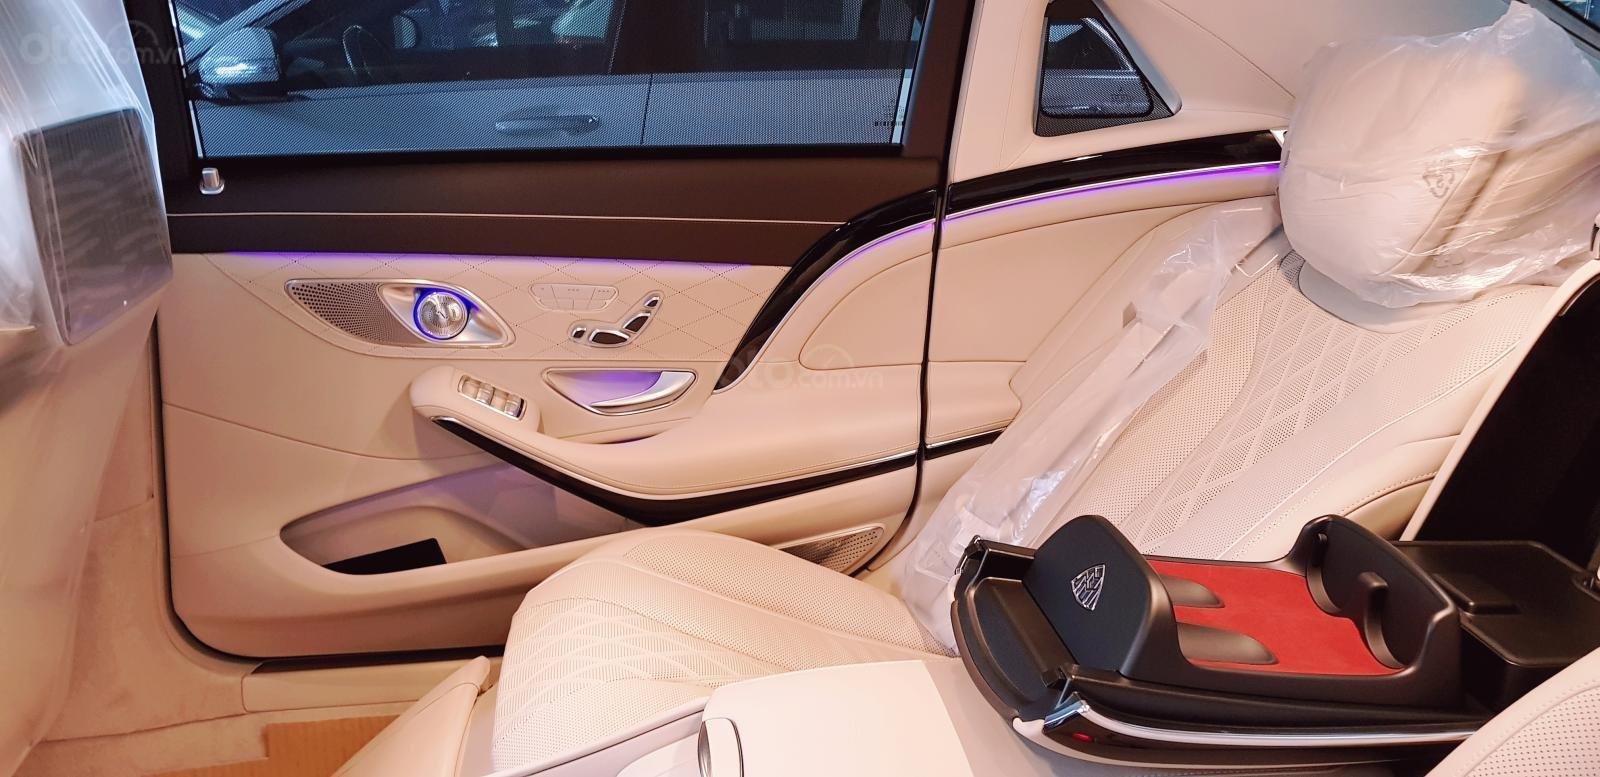 Mercedes-Benz Maybach S450 đời 2019 nhập khẩu, xe giao ngay khuyến mãi lớn, liên hệ 0913332288 (15)